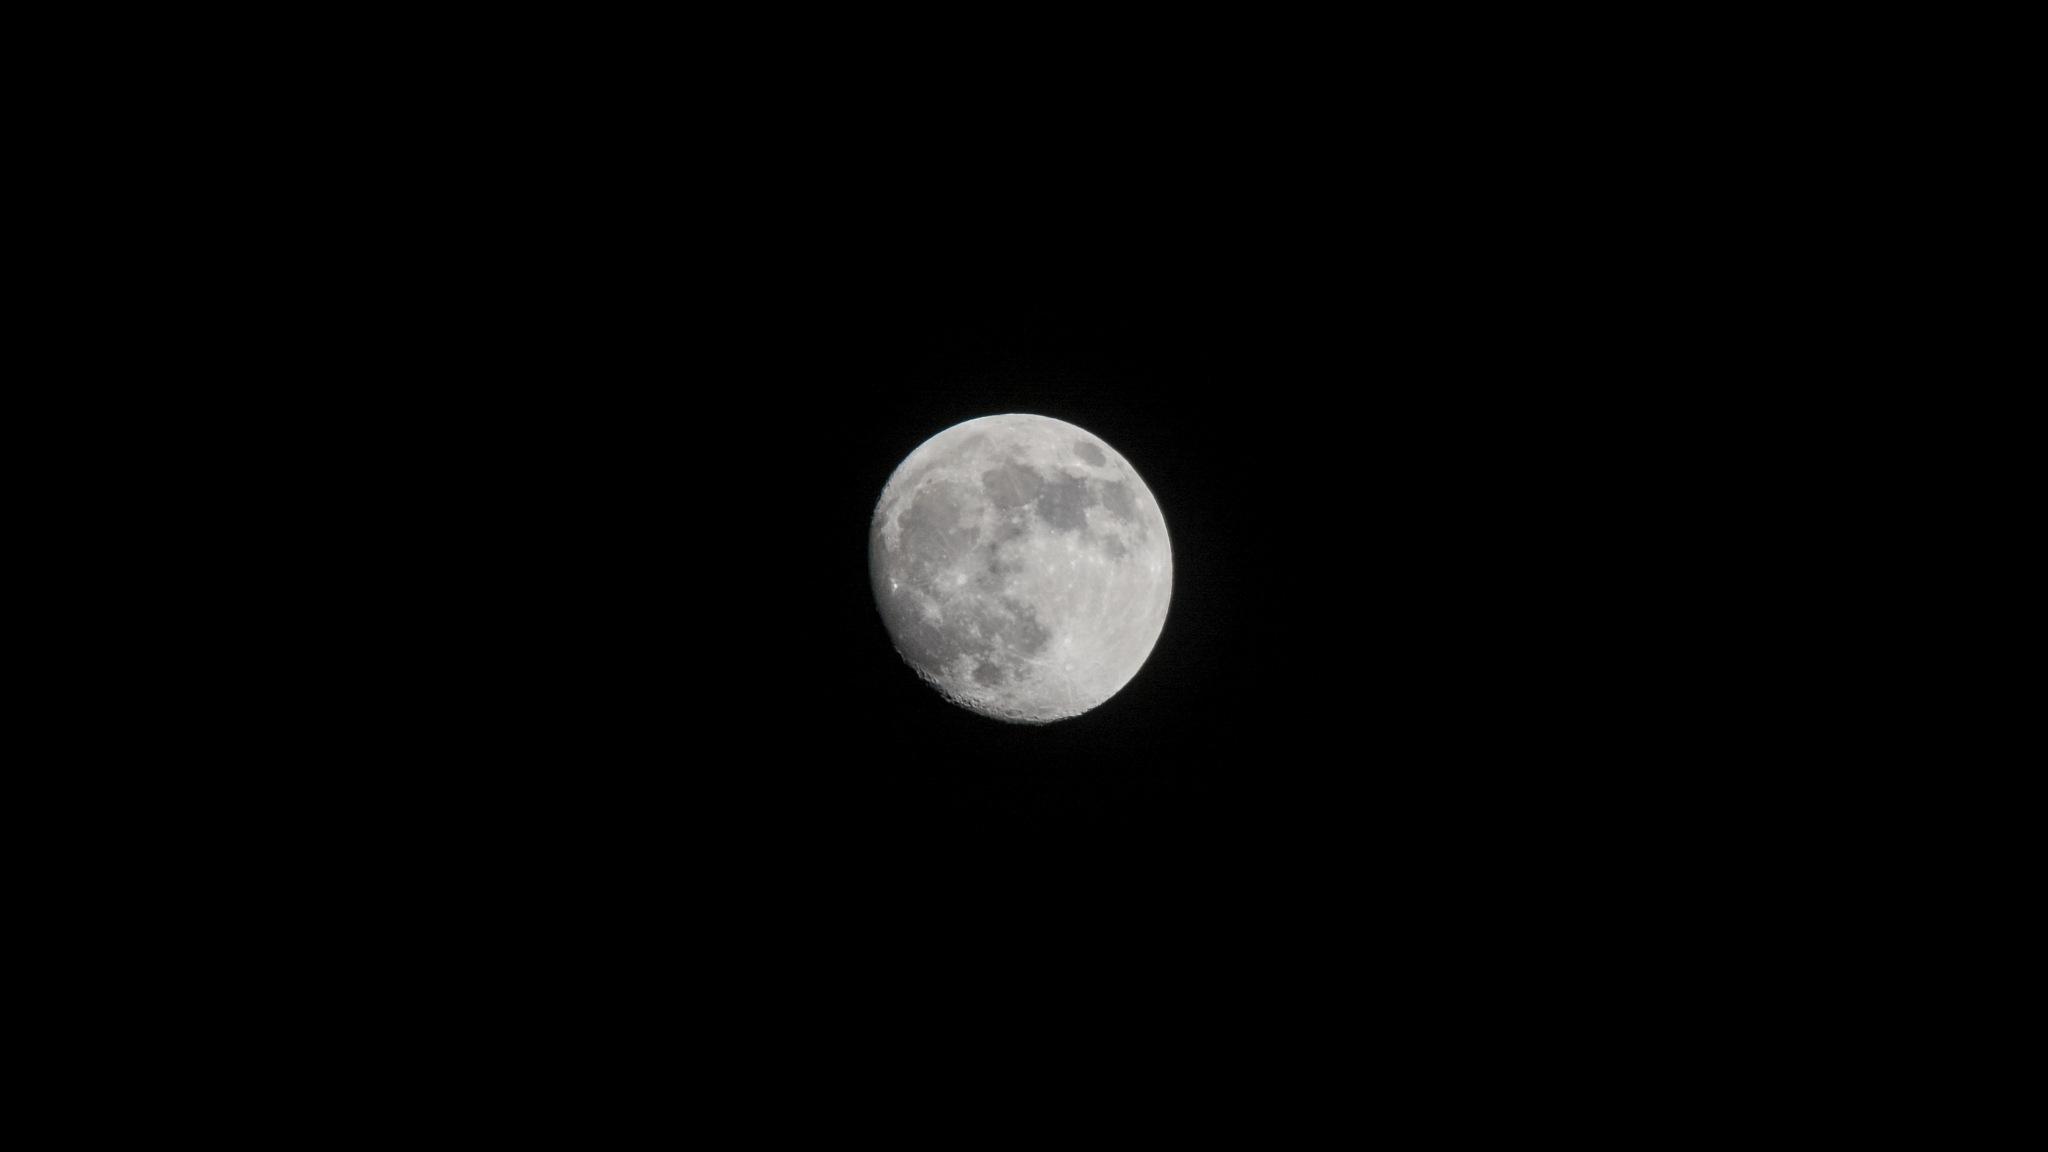 moon by Raino Hakkarainen